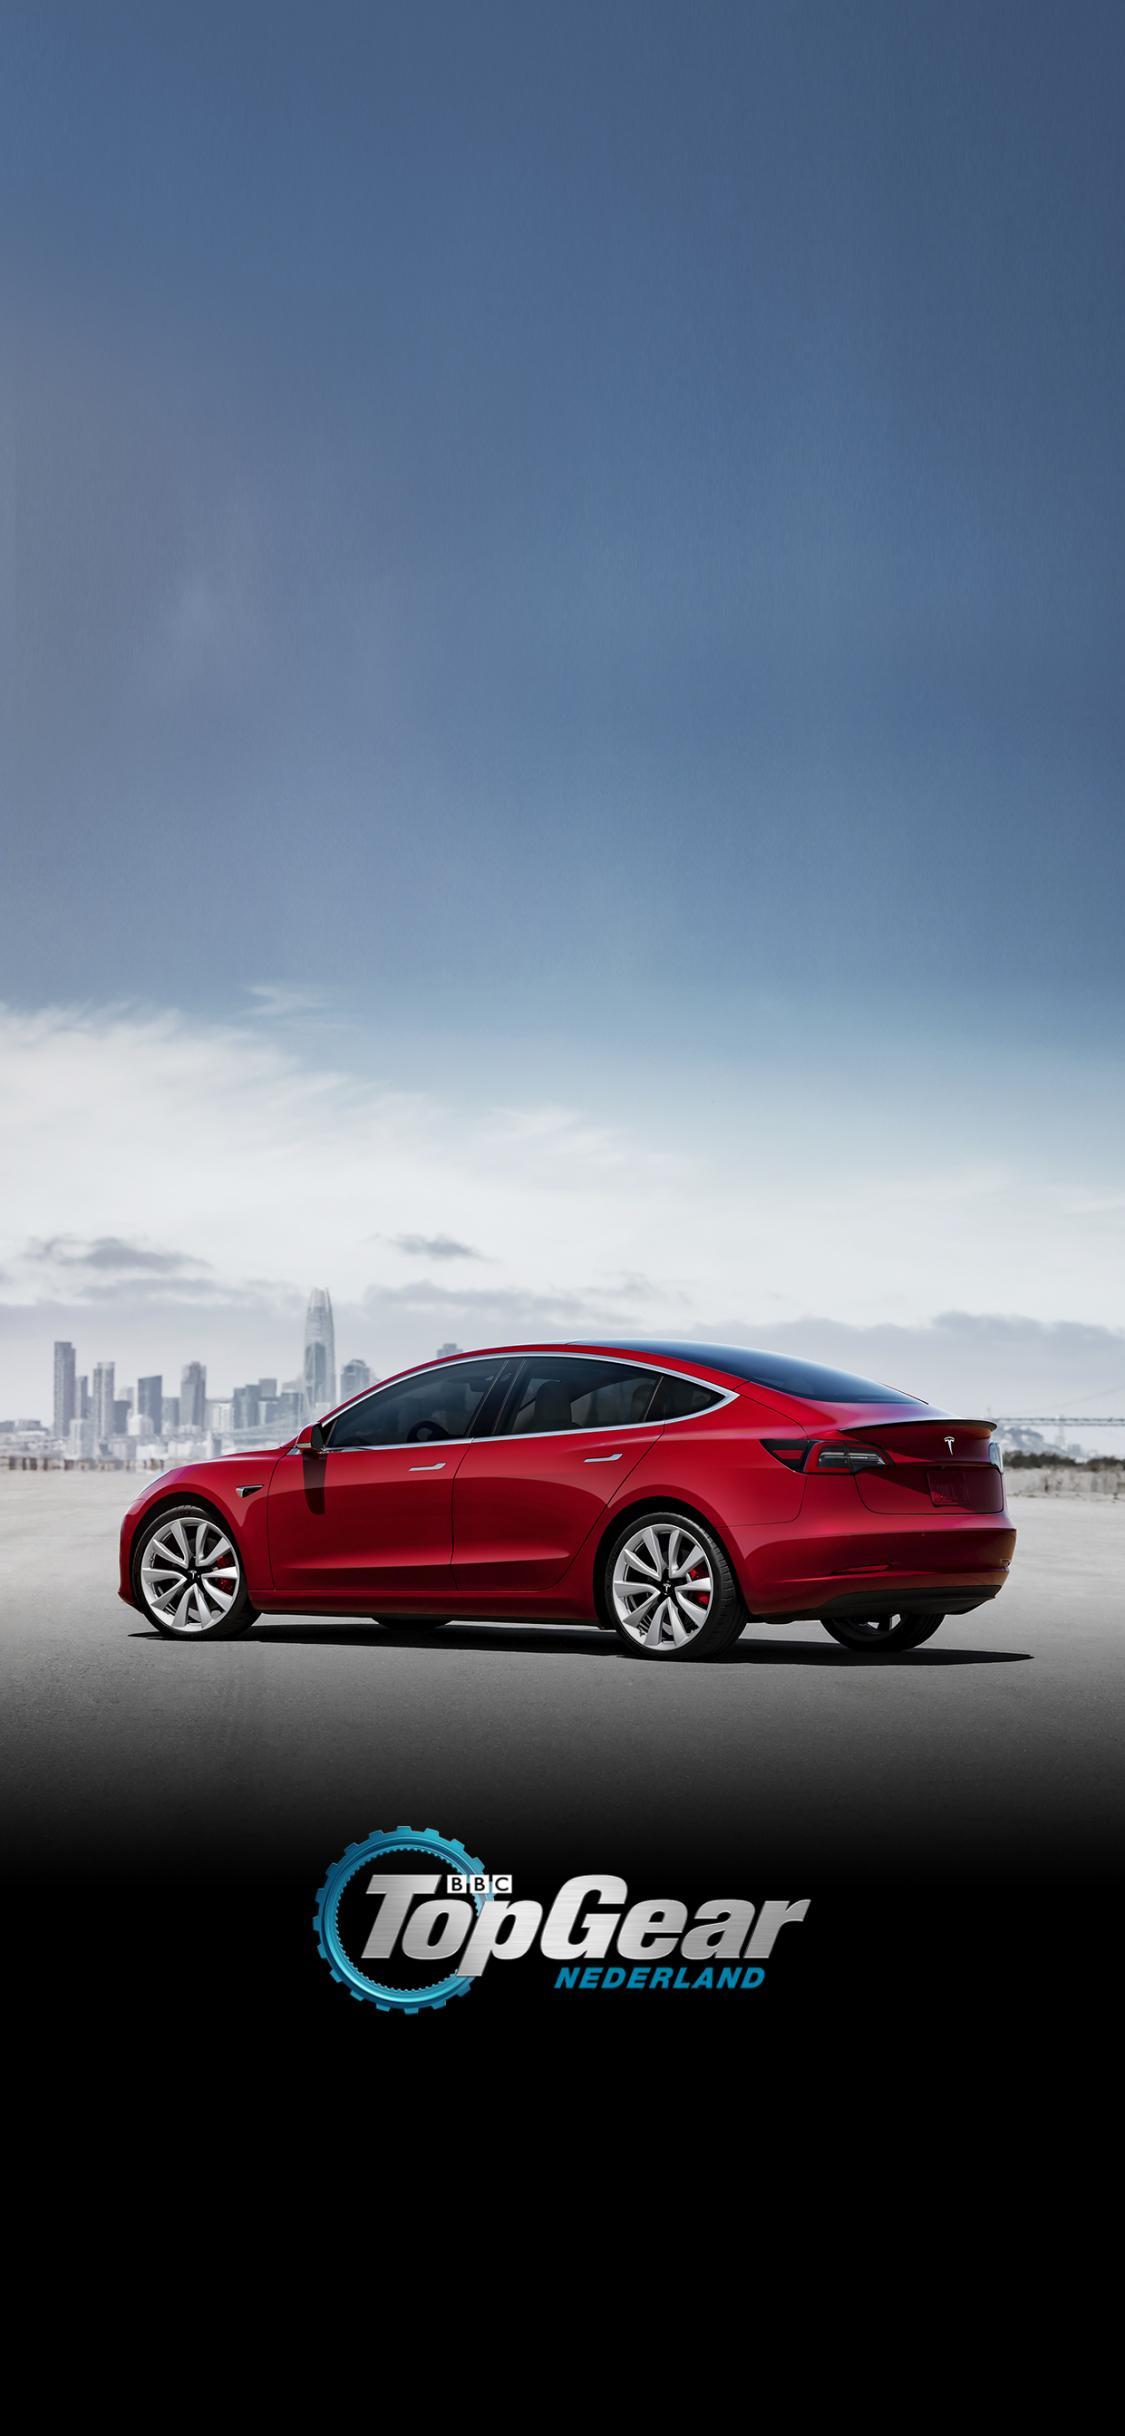 Tesla model 3 wallpaper desktop en mobiel topgear - Tesla wallpaper android ...